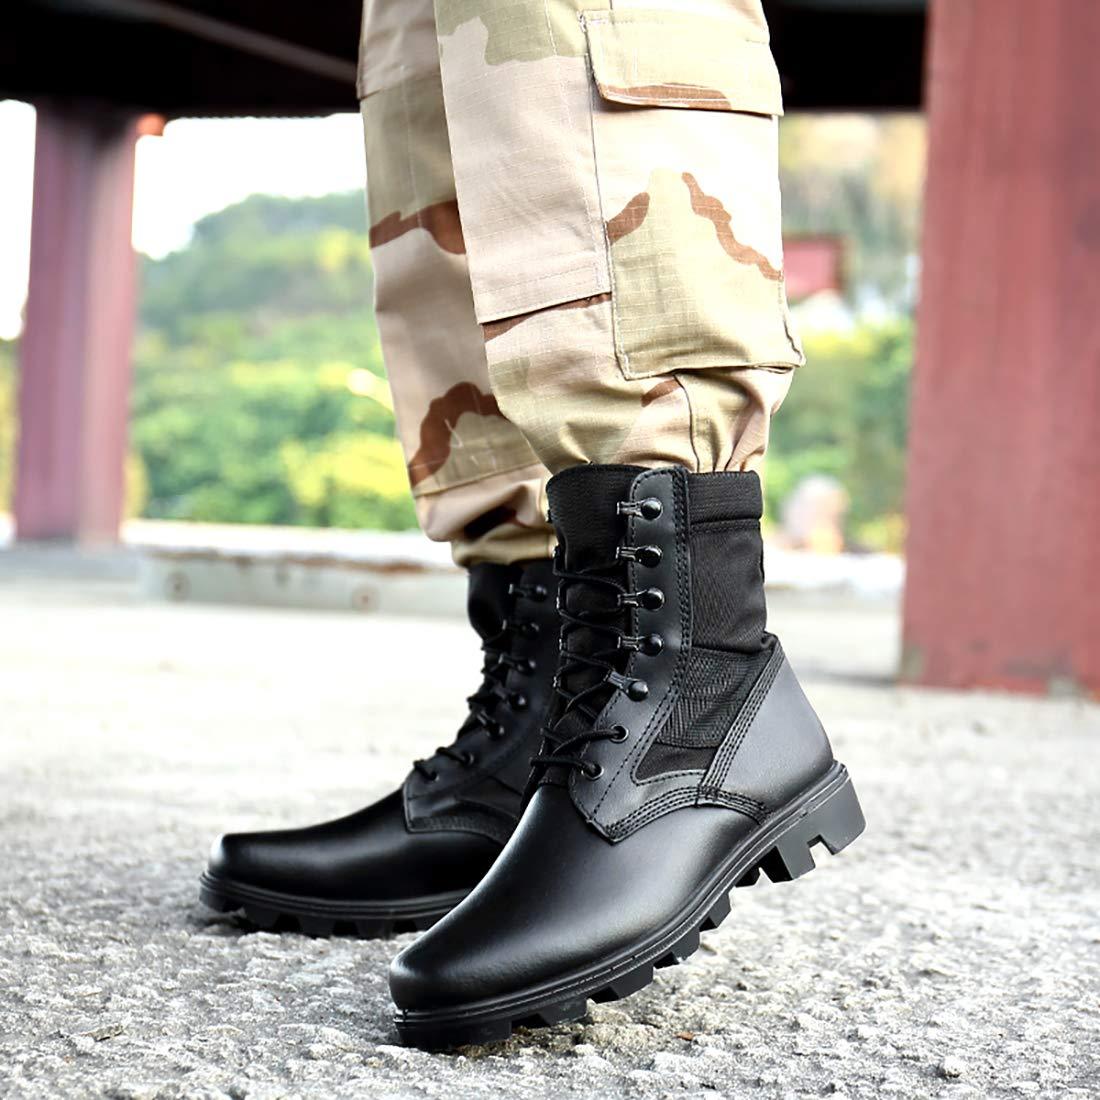 Mode Einsatzstiefel Leader Stiefel Bergstiefel Armee Combat Tactical Stiefel Einsatzstiefel Mode Kampfstiefel Jagdstiefel Für Herren Damen 47e14e